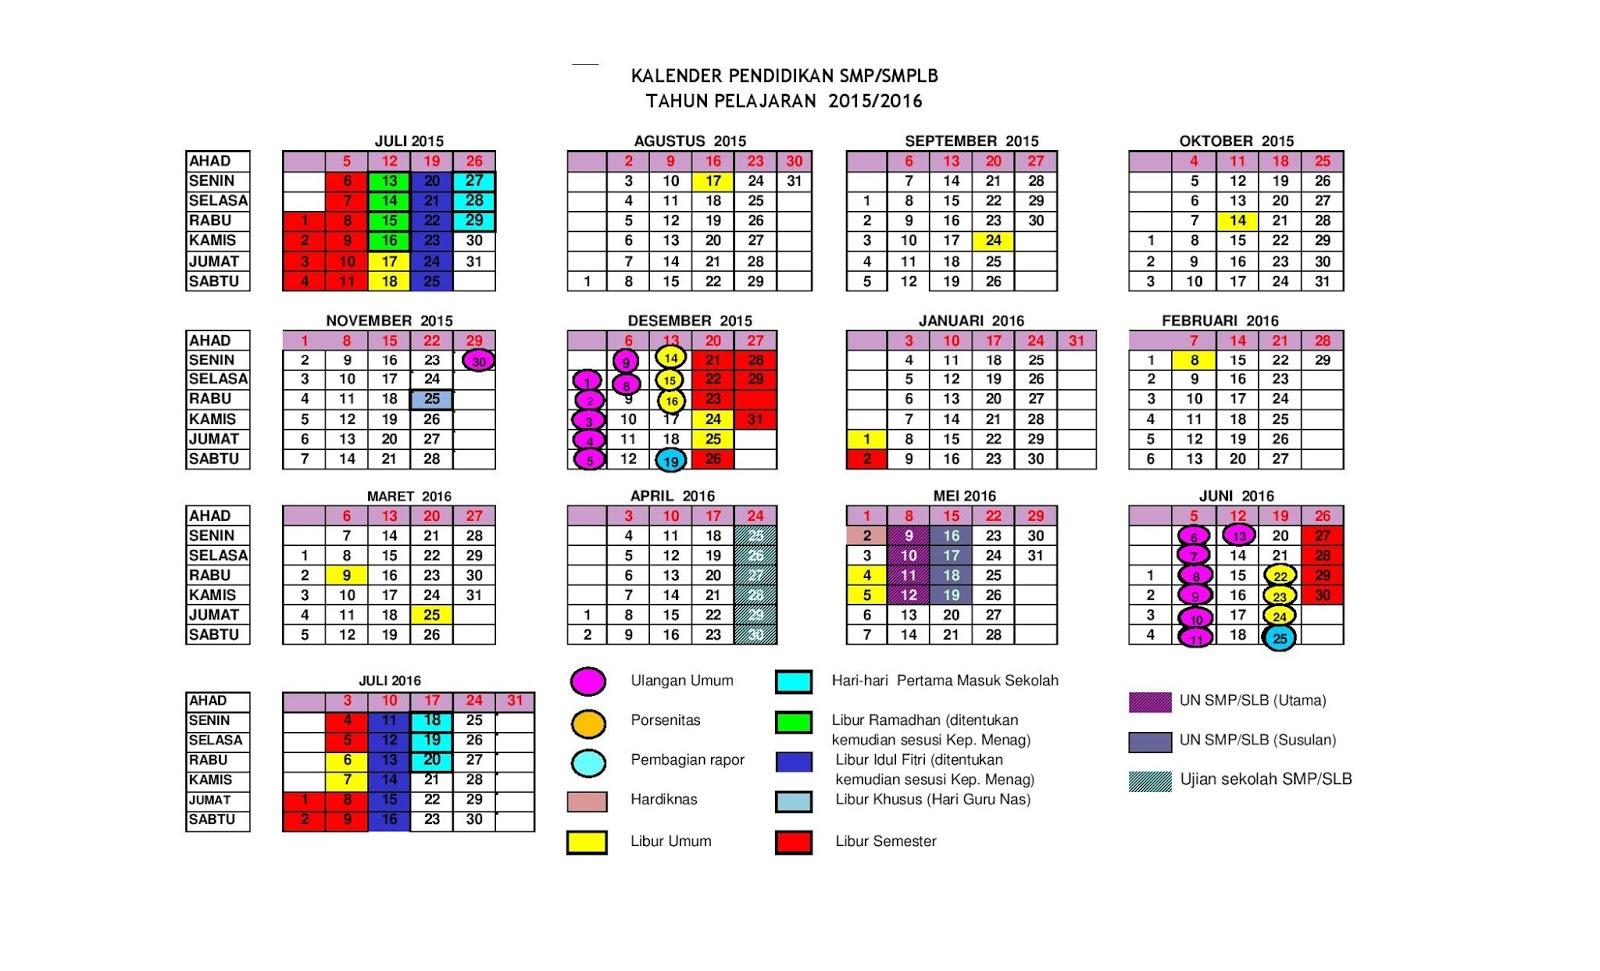 Kalender Pendidikan Tahun 2015/2016 DKI Jakarta - Ruang Kimia